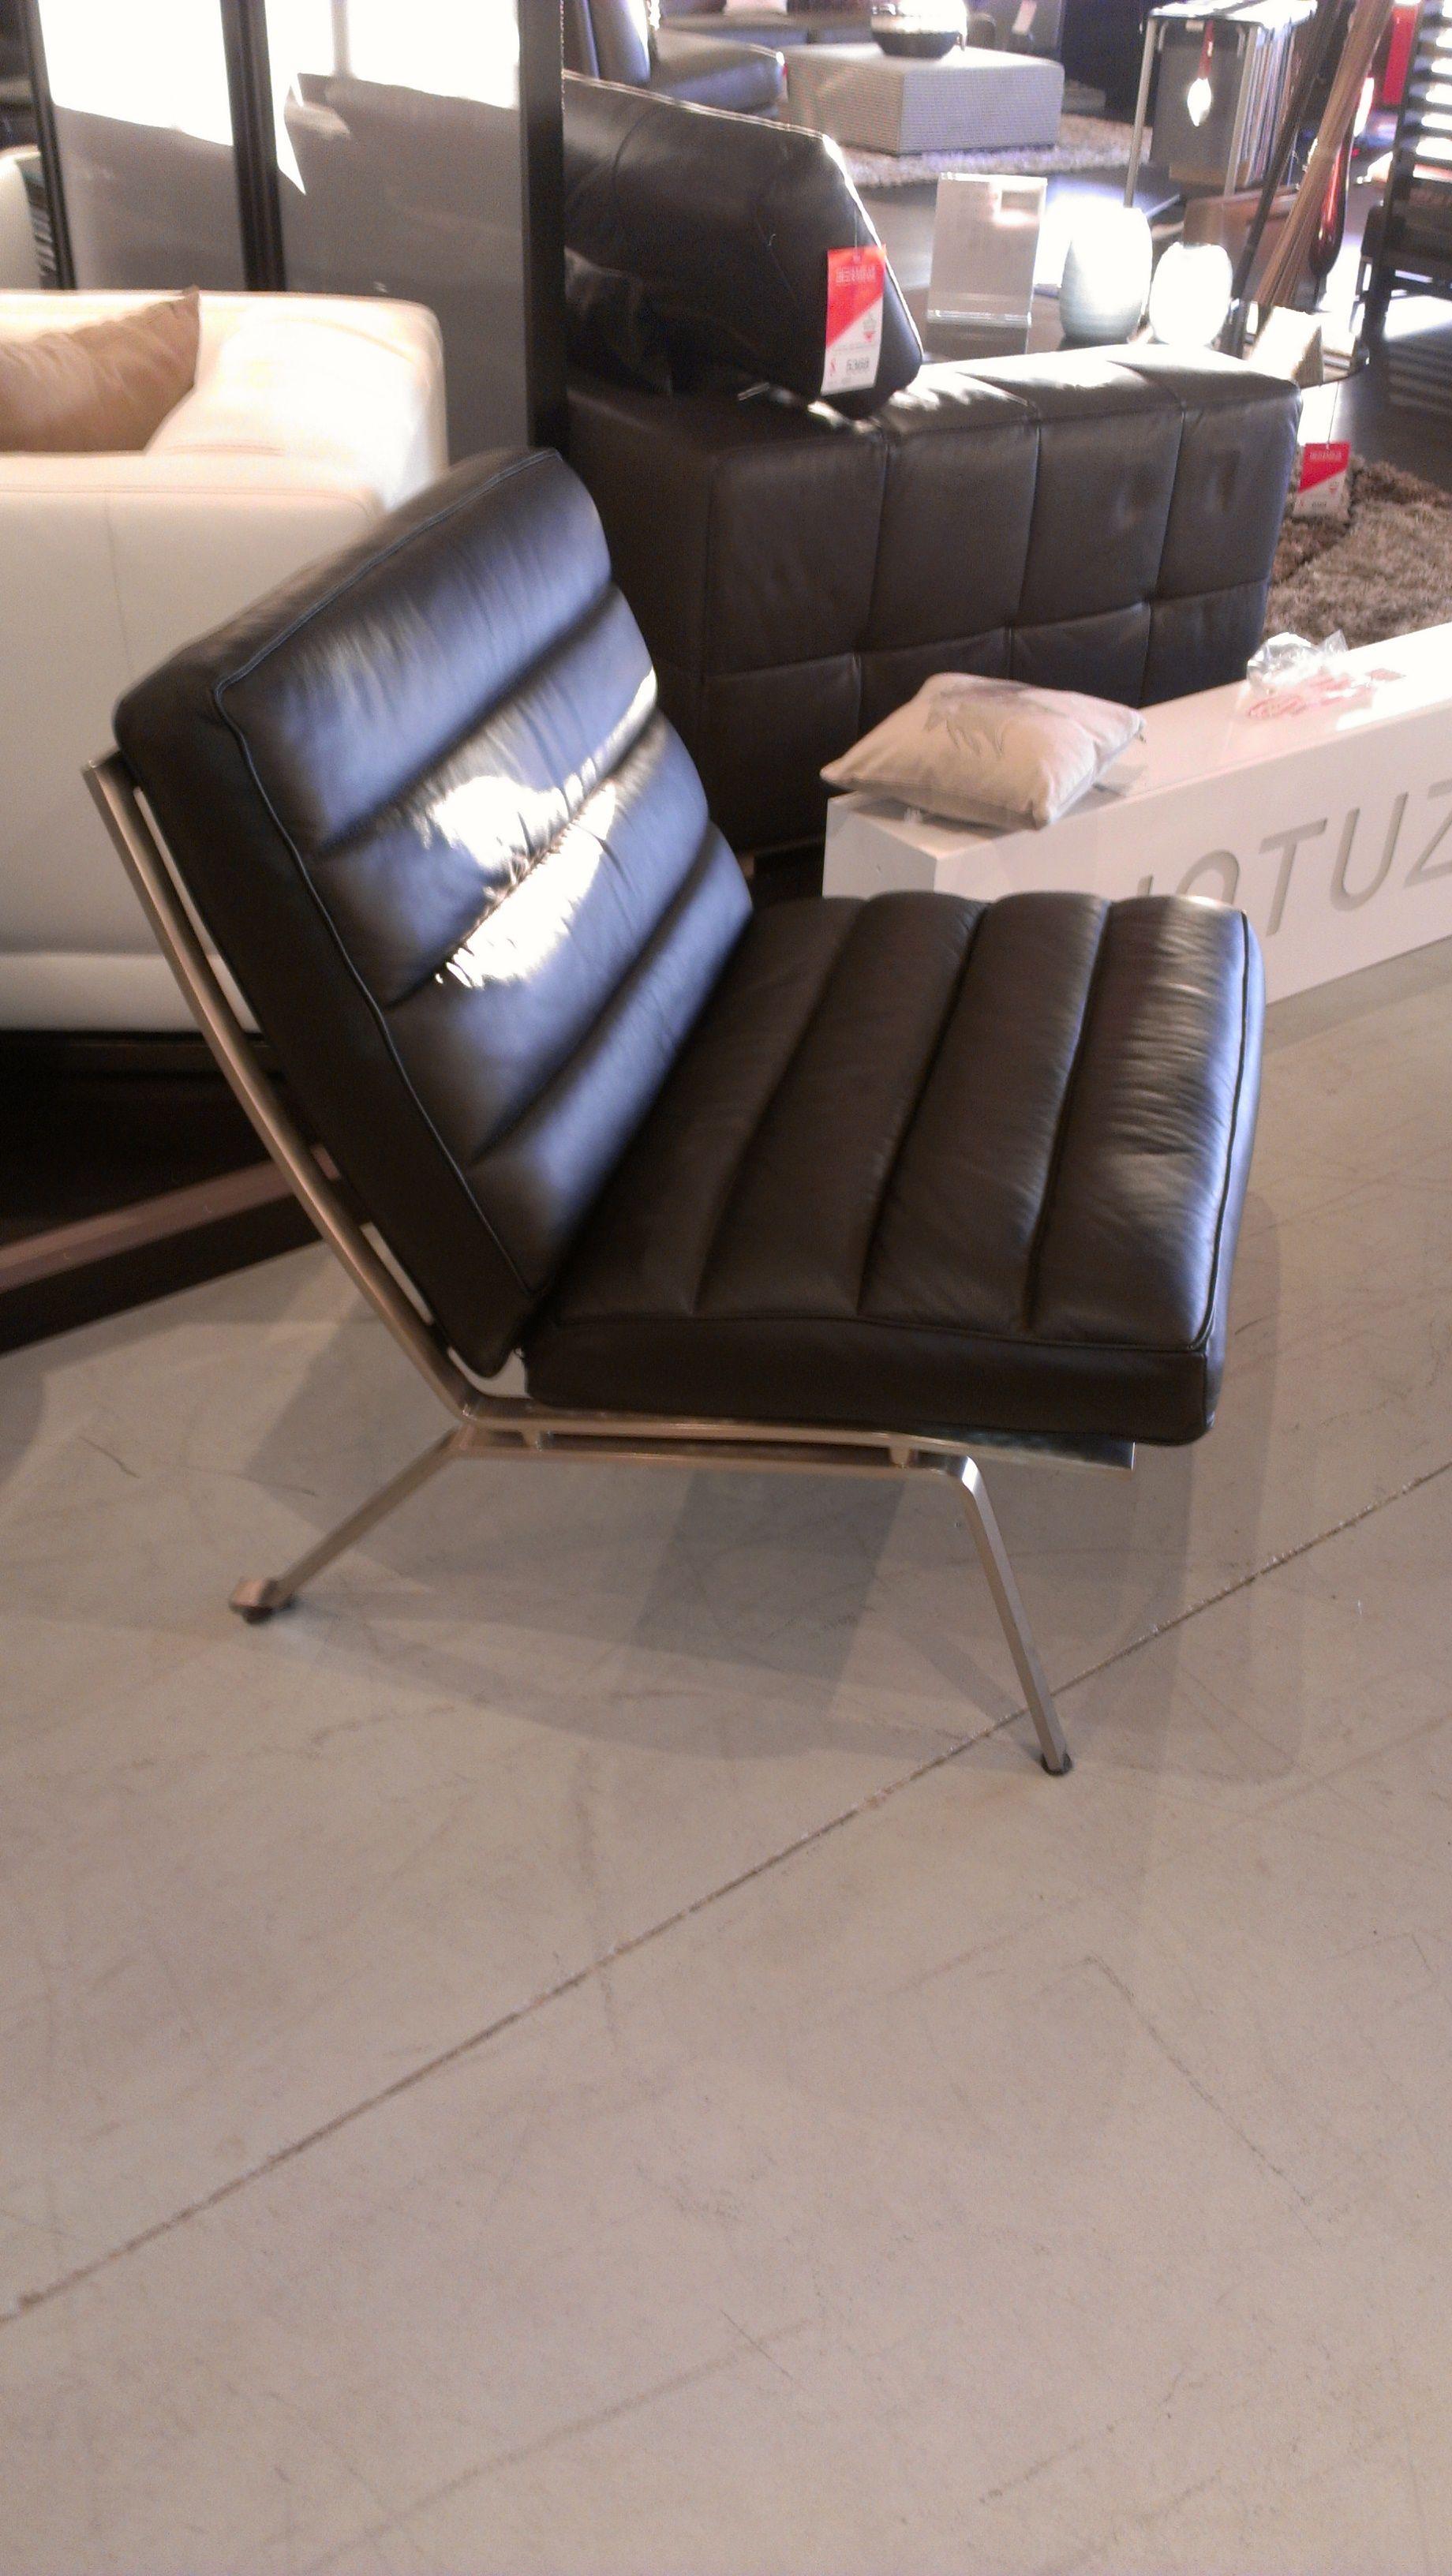 Hallway furniture gumtree  House of Denmark for Formal living room  Home decor  Pinterest